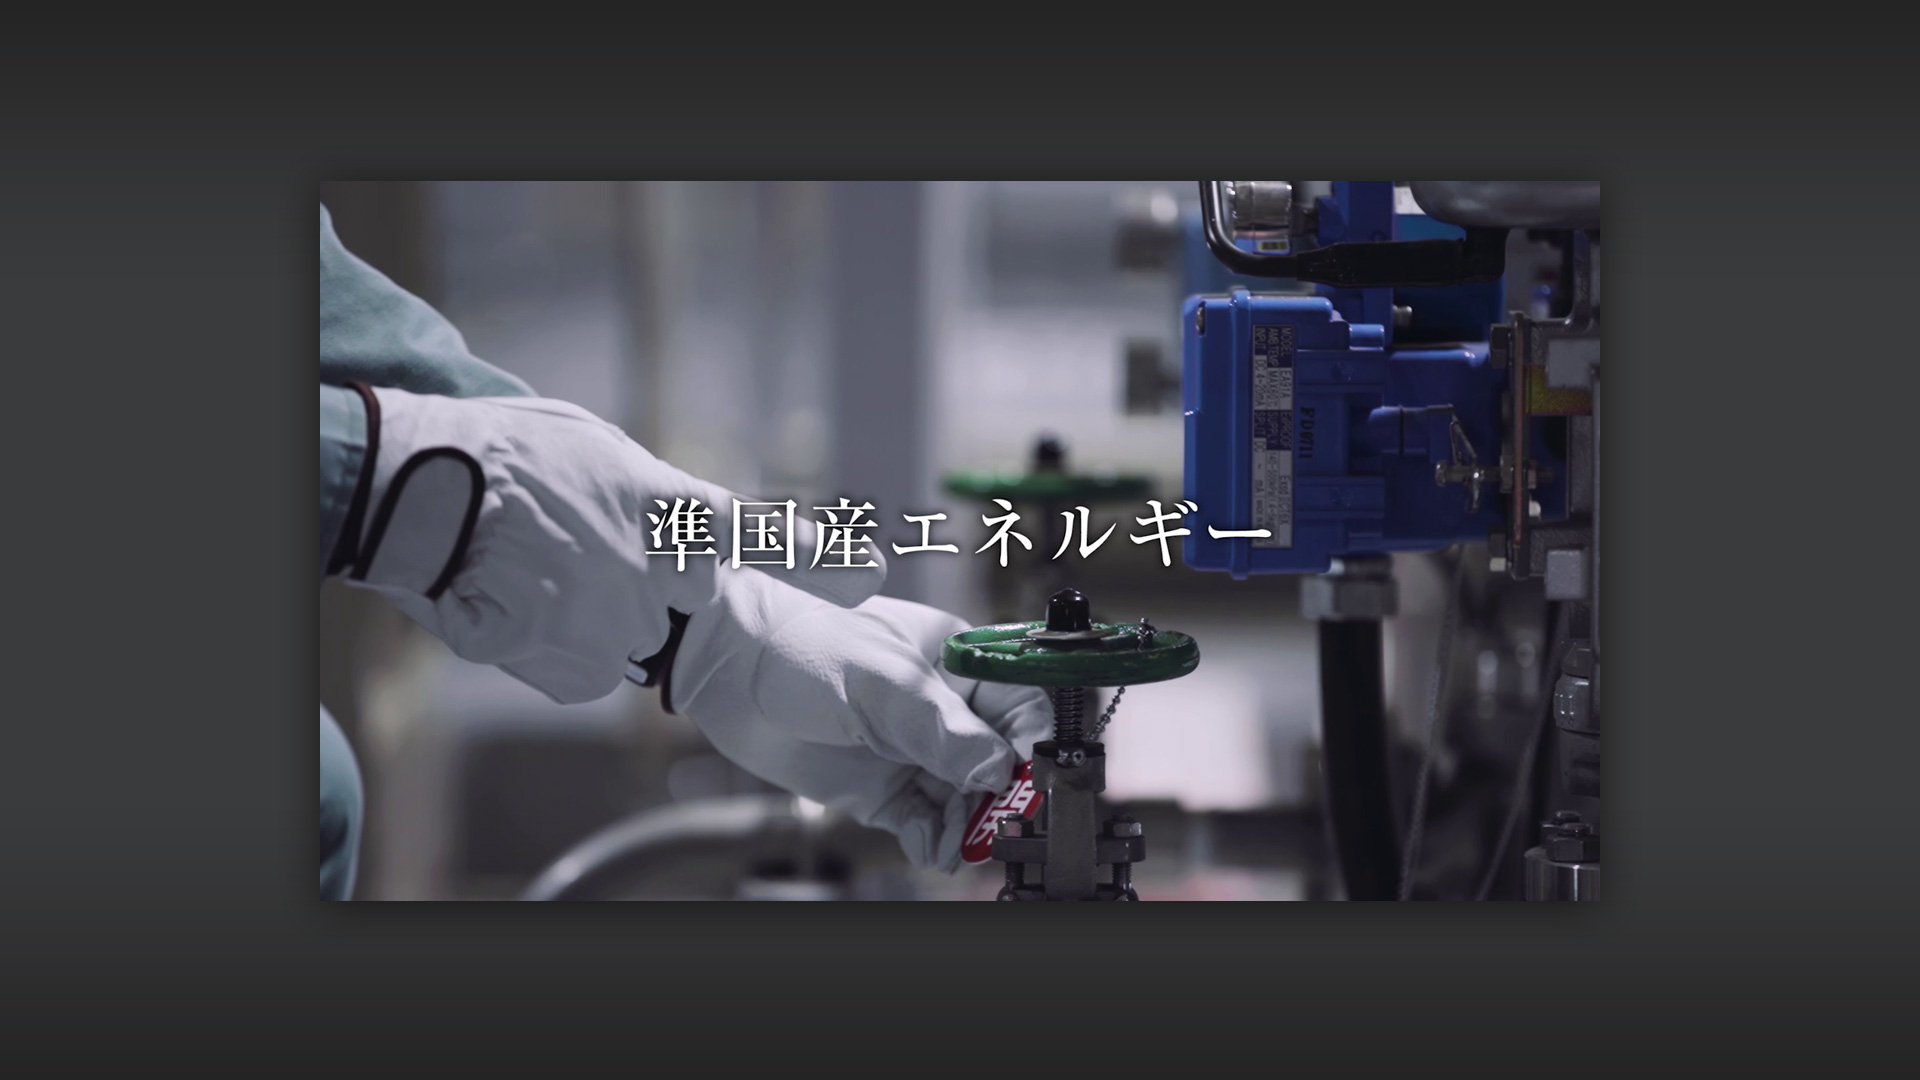 株式 燃 日本 会社 原